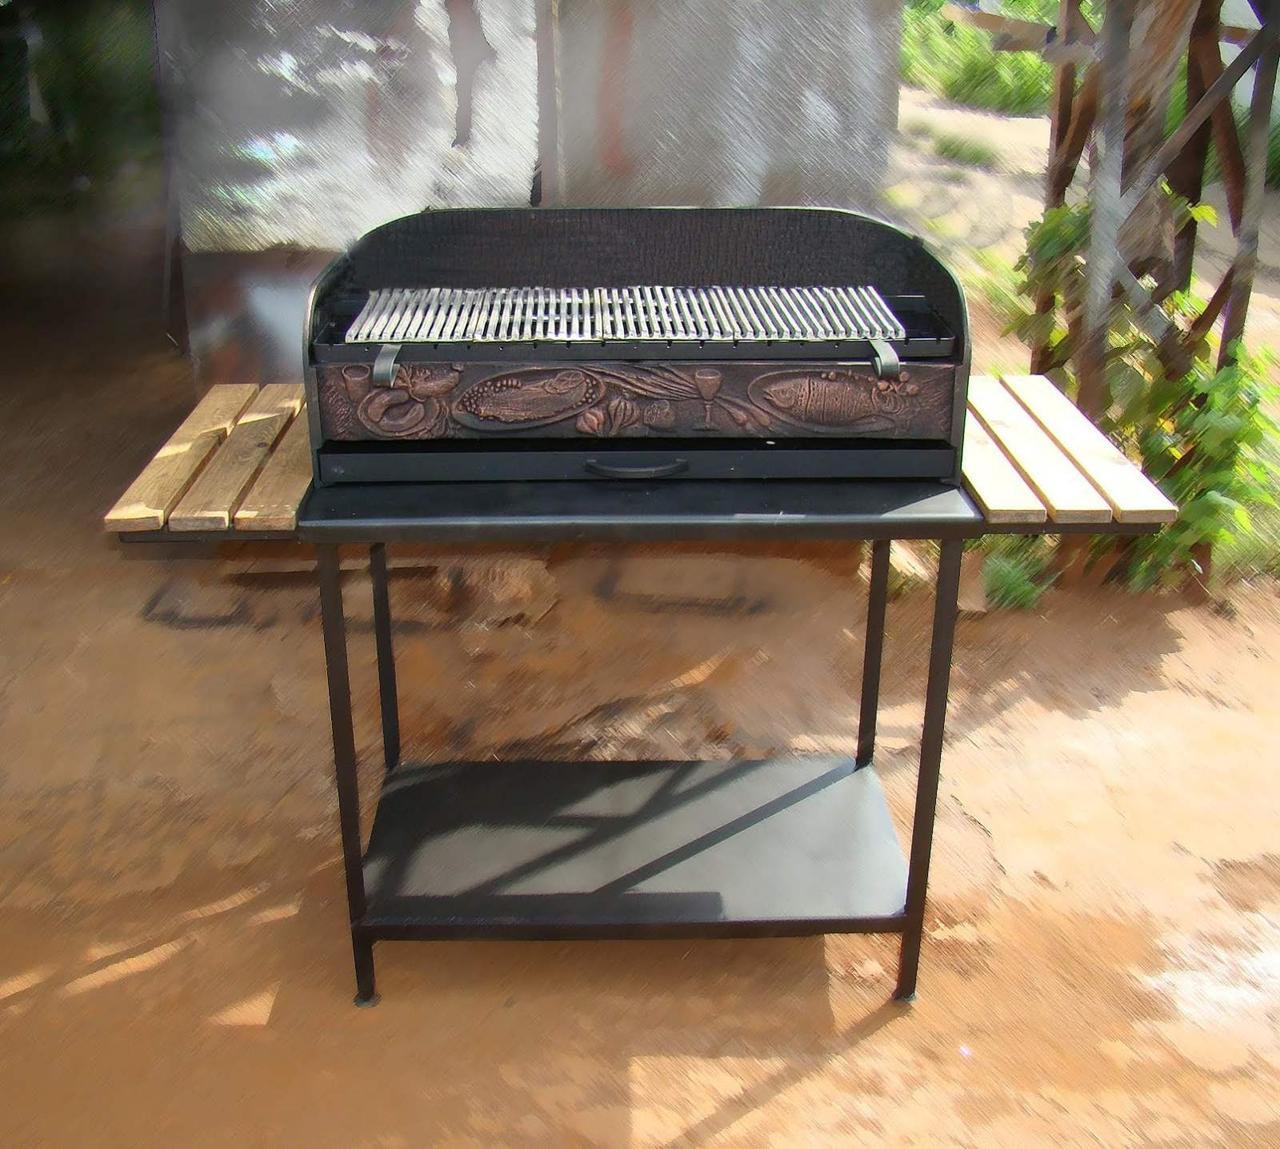 Стіл-підставка для чавунного мангалу